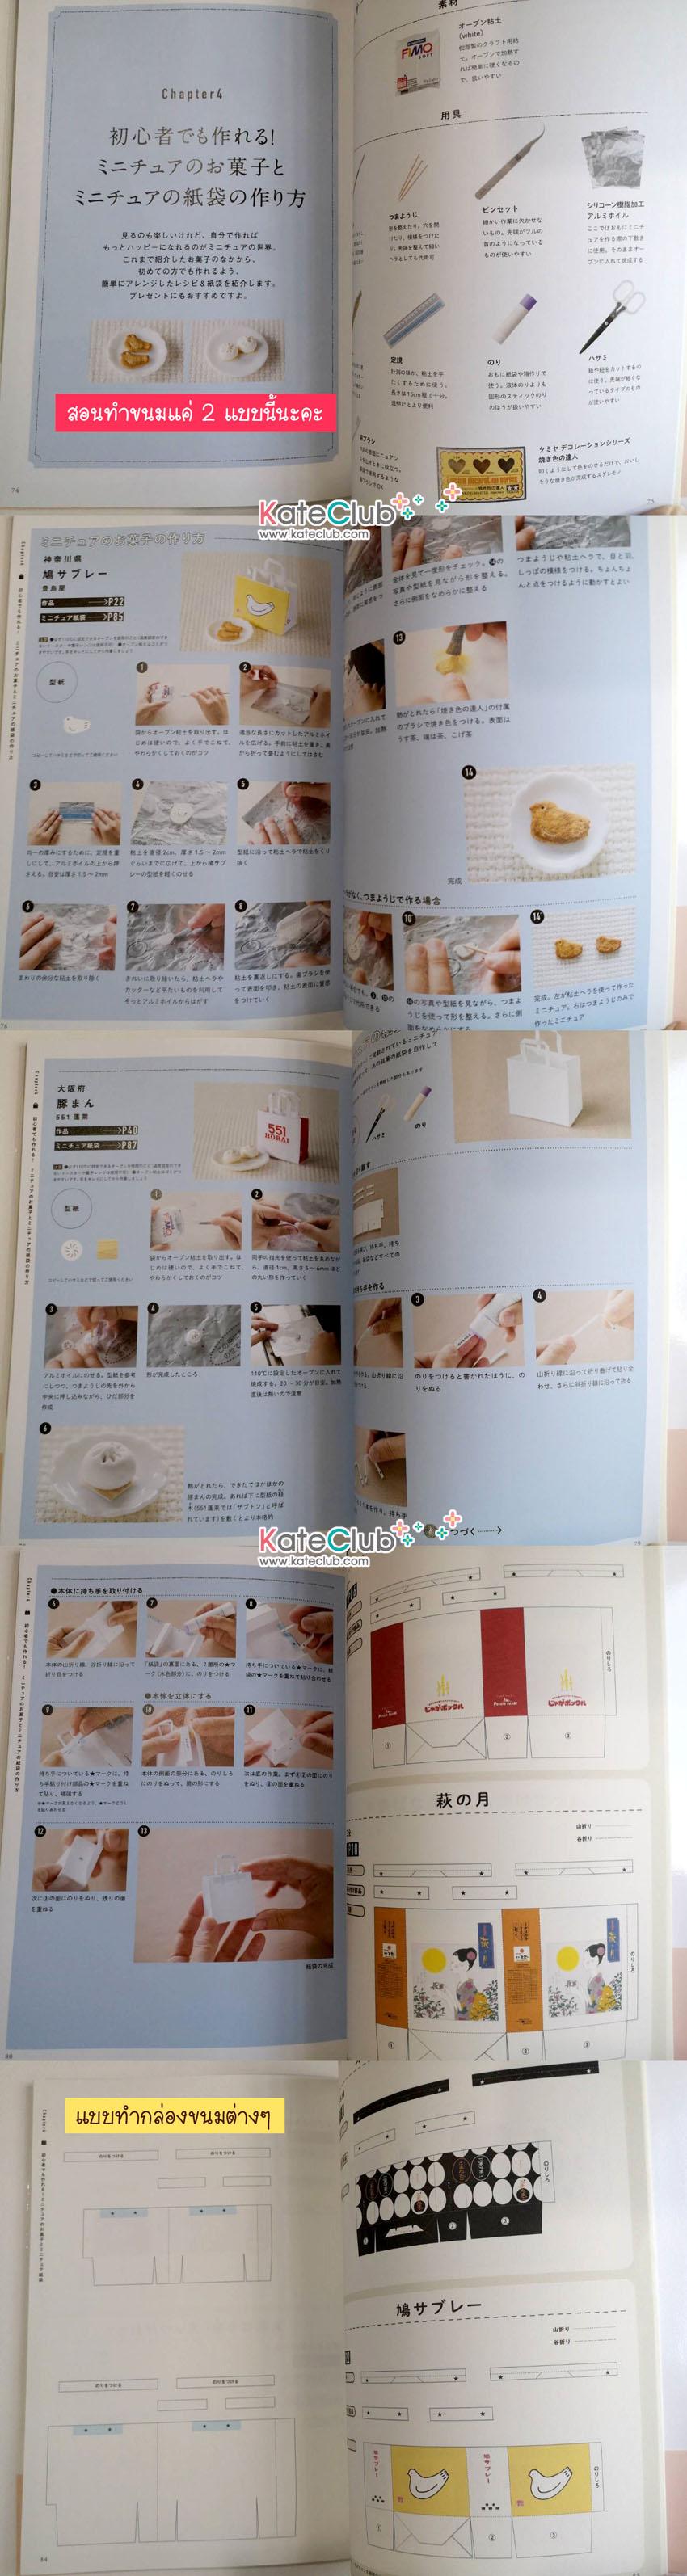 หนังสือสอนปั้นขนมขนาดจิ๋ว ของฝากสุดฮิตจากญี่ปุ่น และแพคเกจจิ้ง